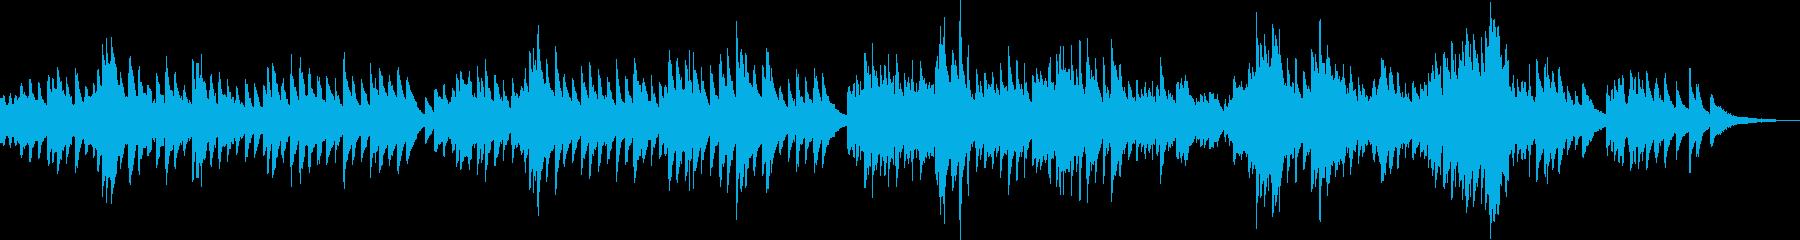 切なくて感動する優しいピアノBGMの再生済みの波形